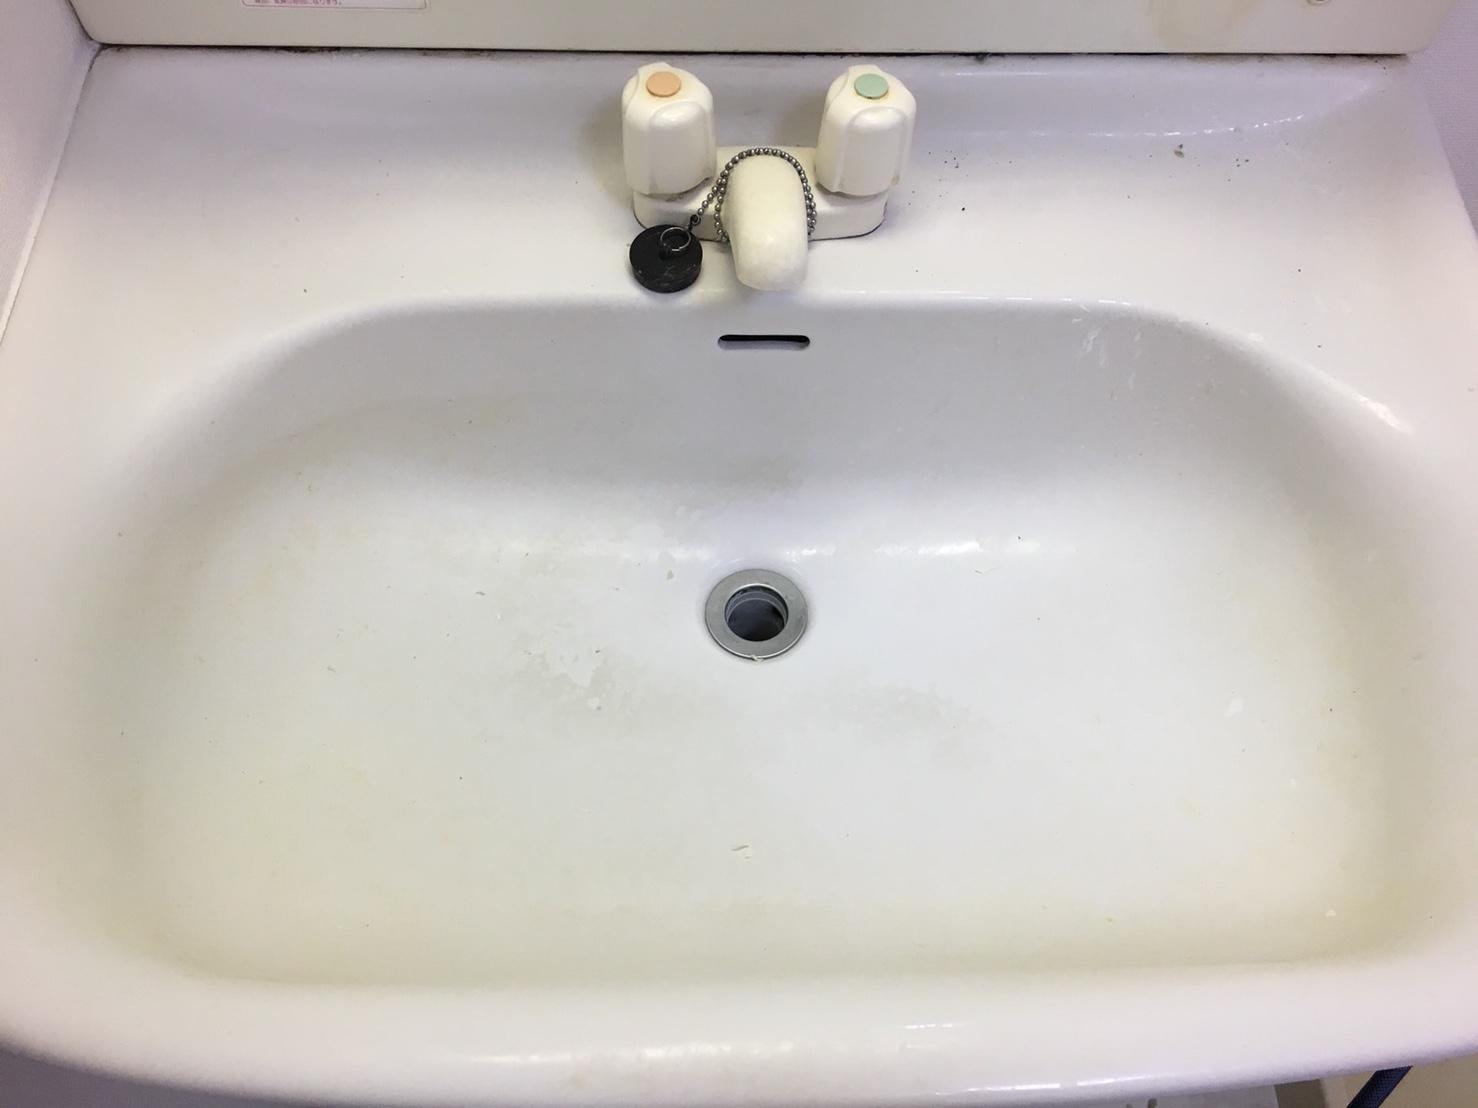 洗面台クリーニング♪毎日のお掃除おそうじプラスでは、お見積はもちろん出張料も無料で対応~お客様の笑顔!が一番のやりがいにつながり作業を全力でさせて頂きます!